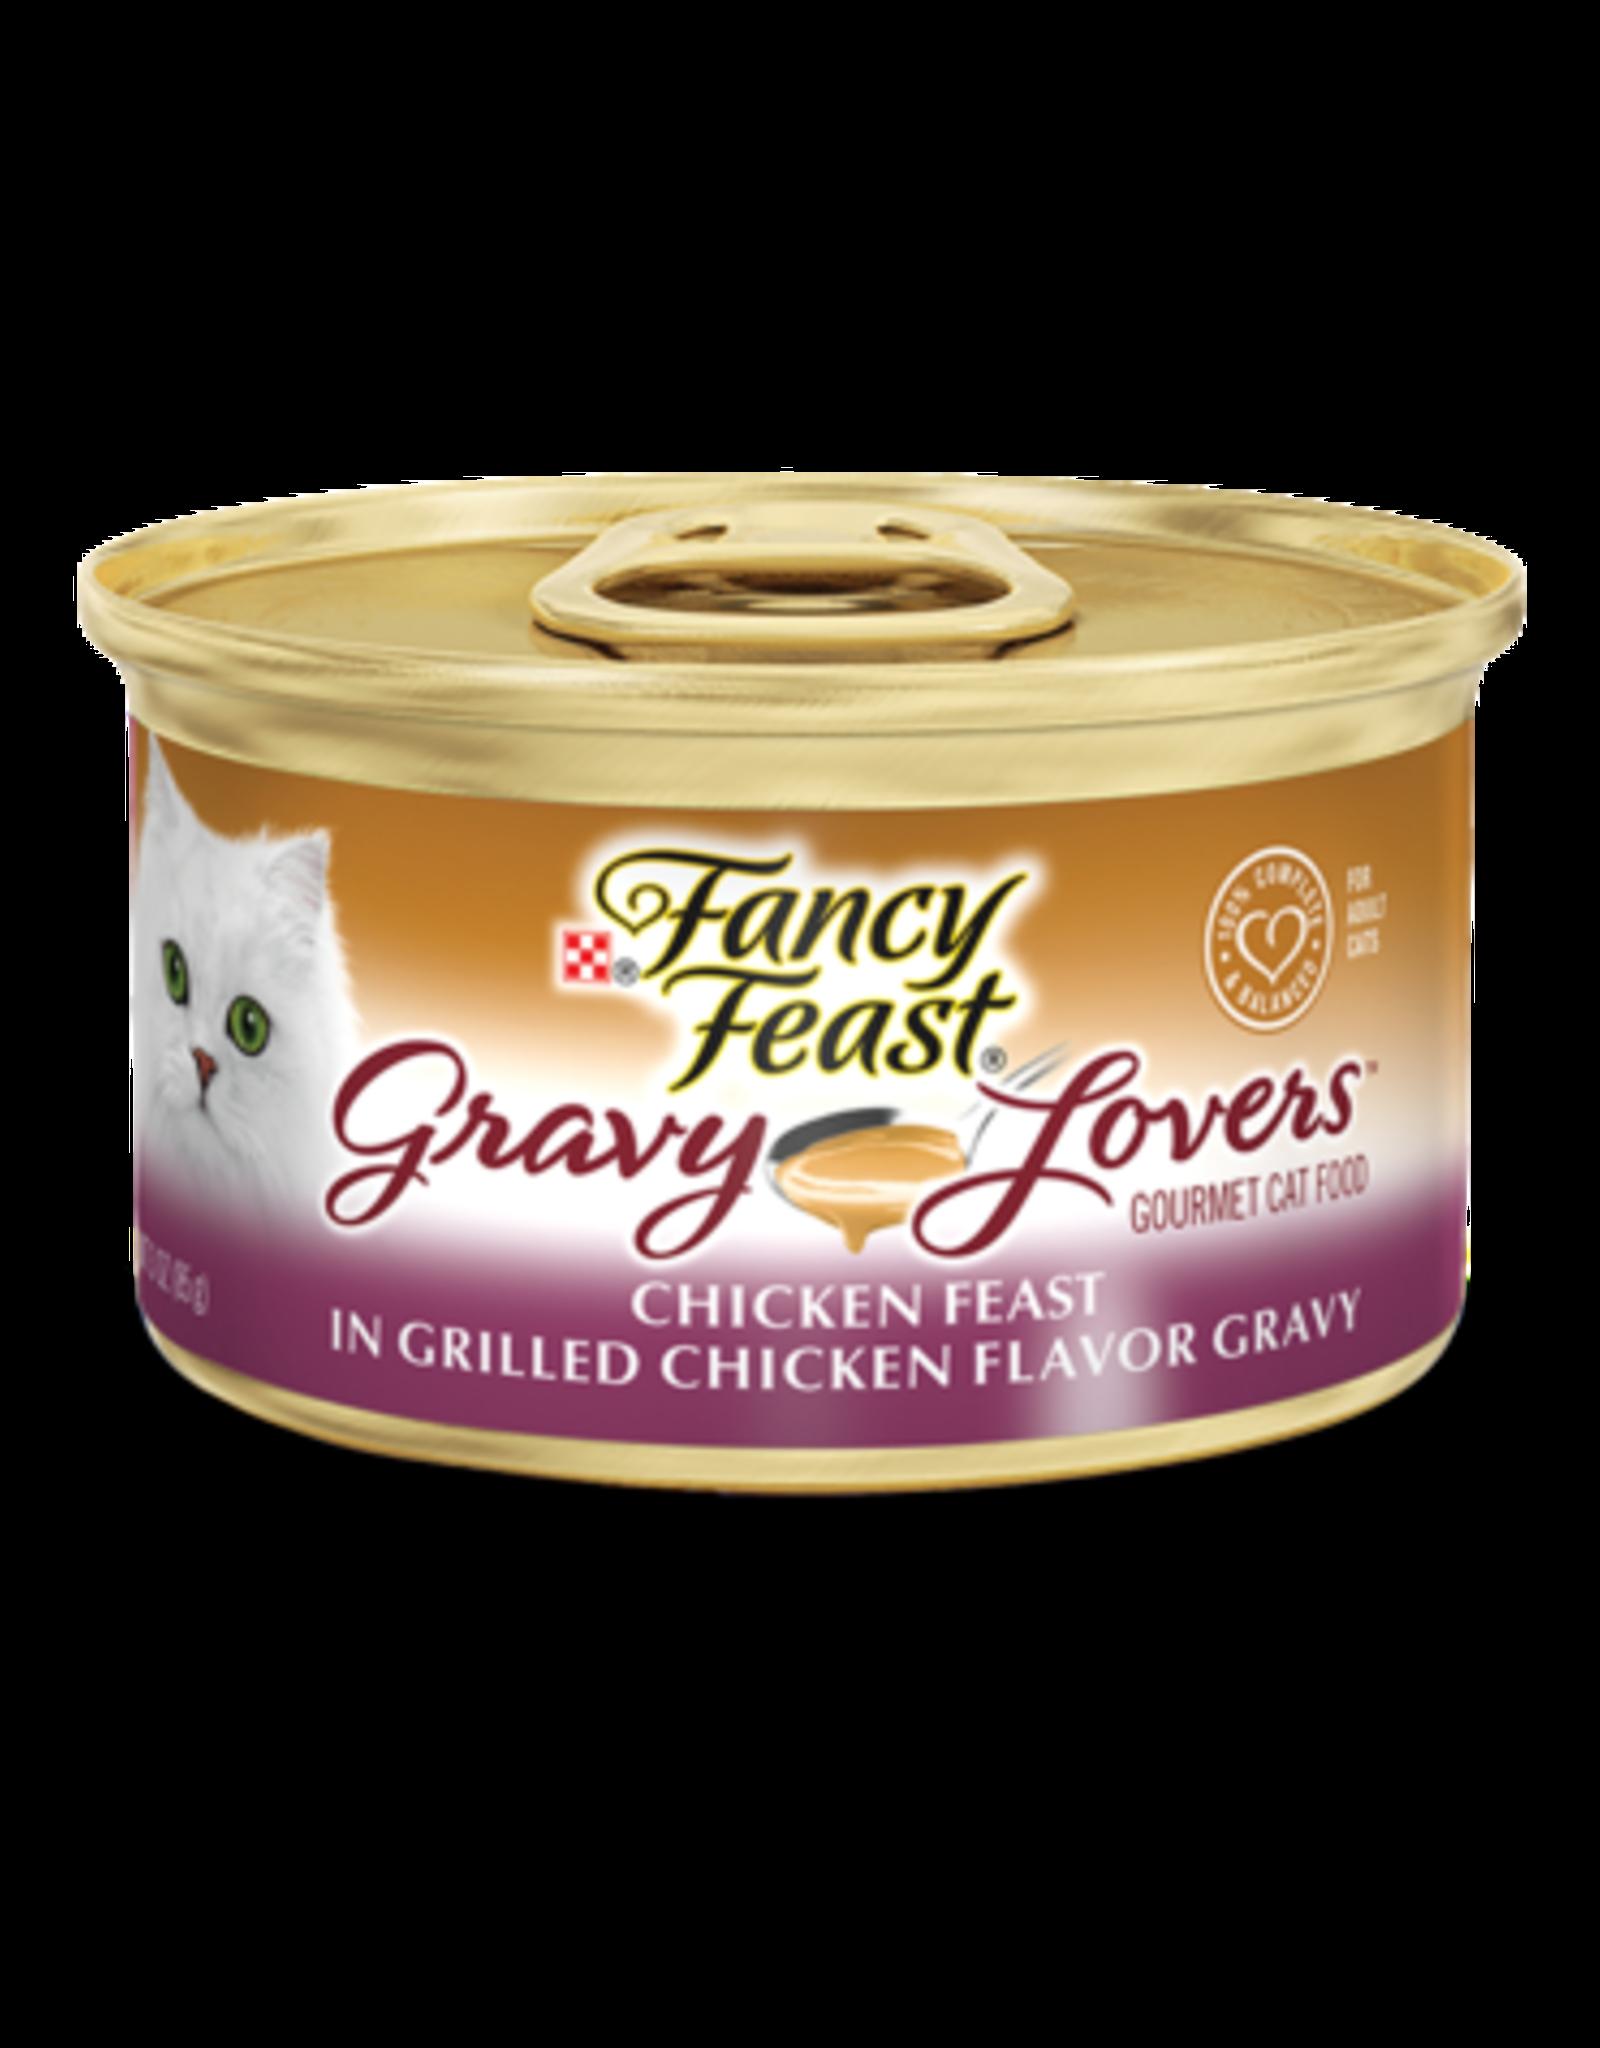 FANCY FEAST GRAVY LOVERS CHICKEN 3OZ CASE OF 24